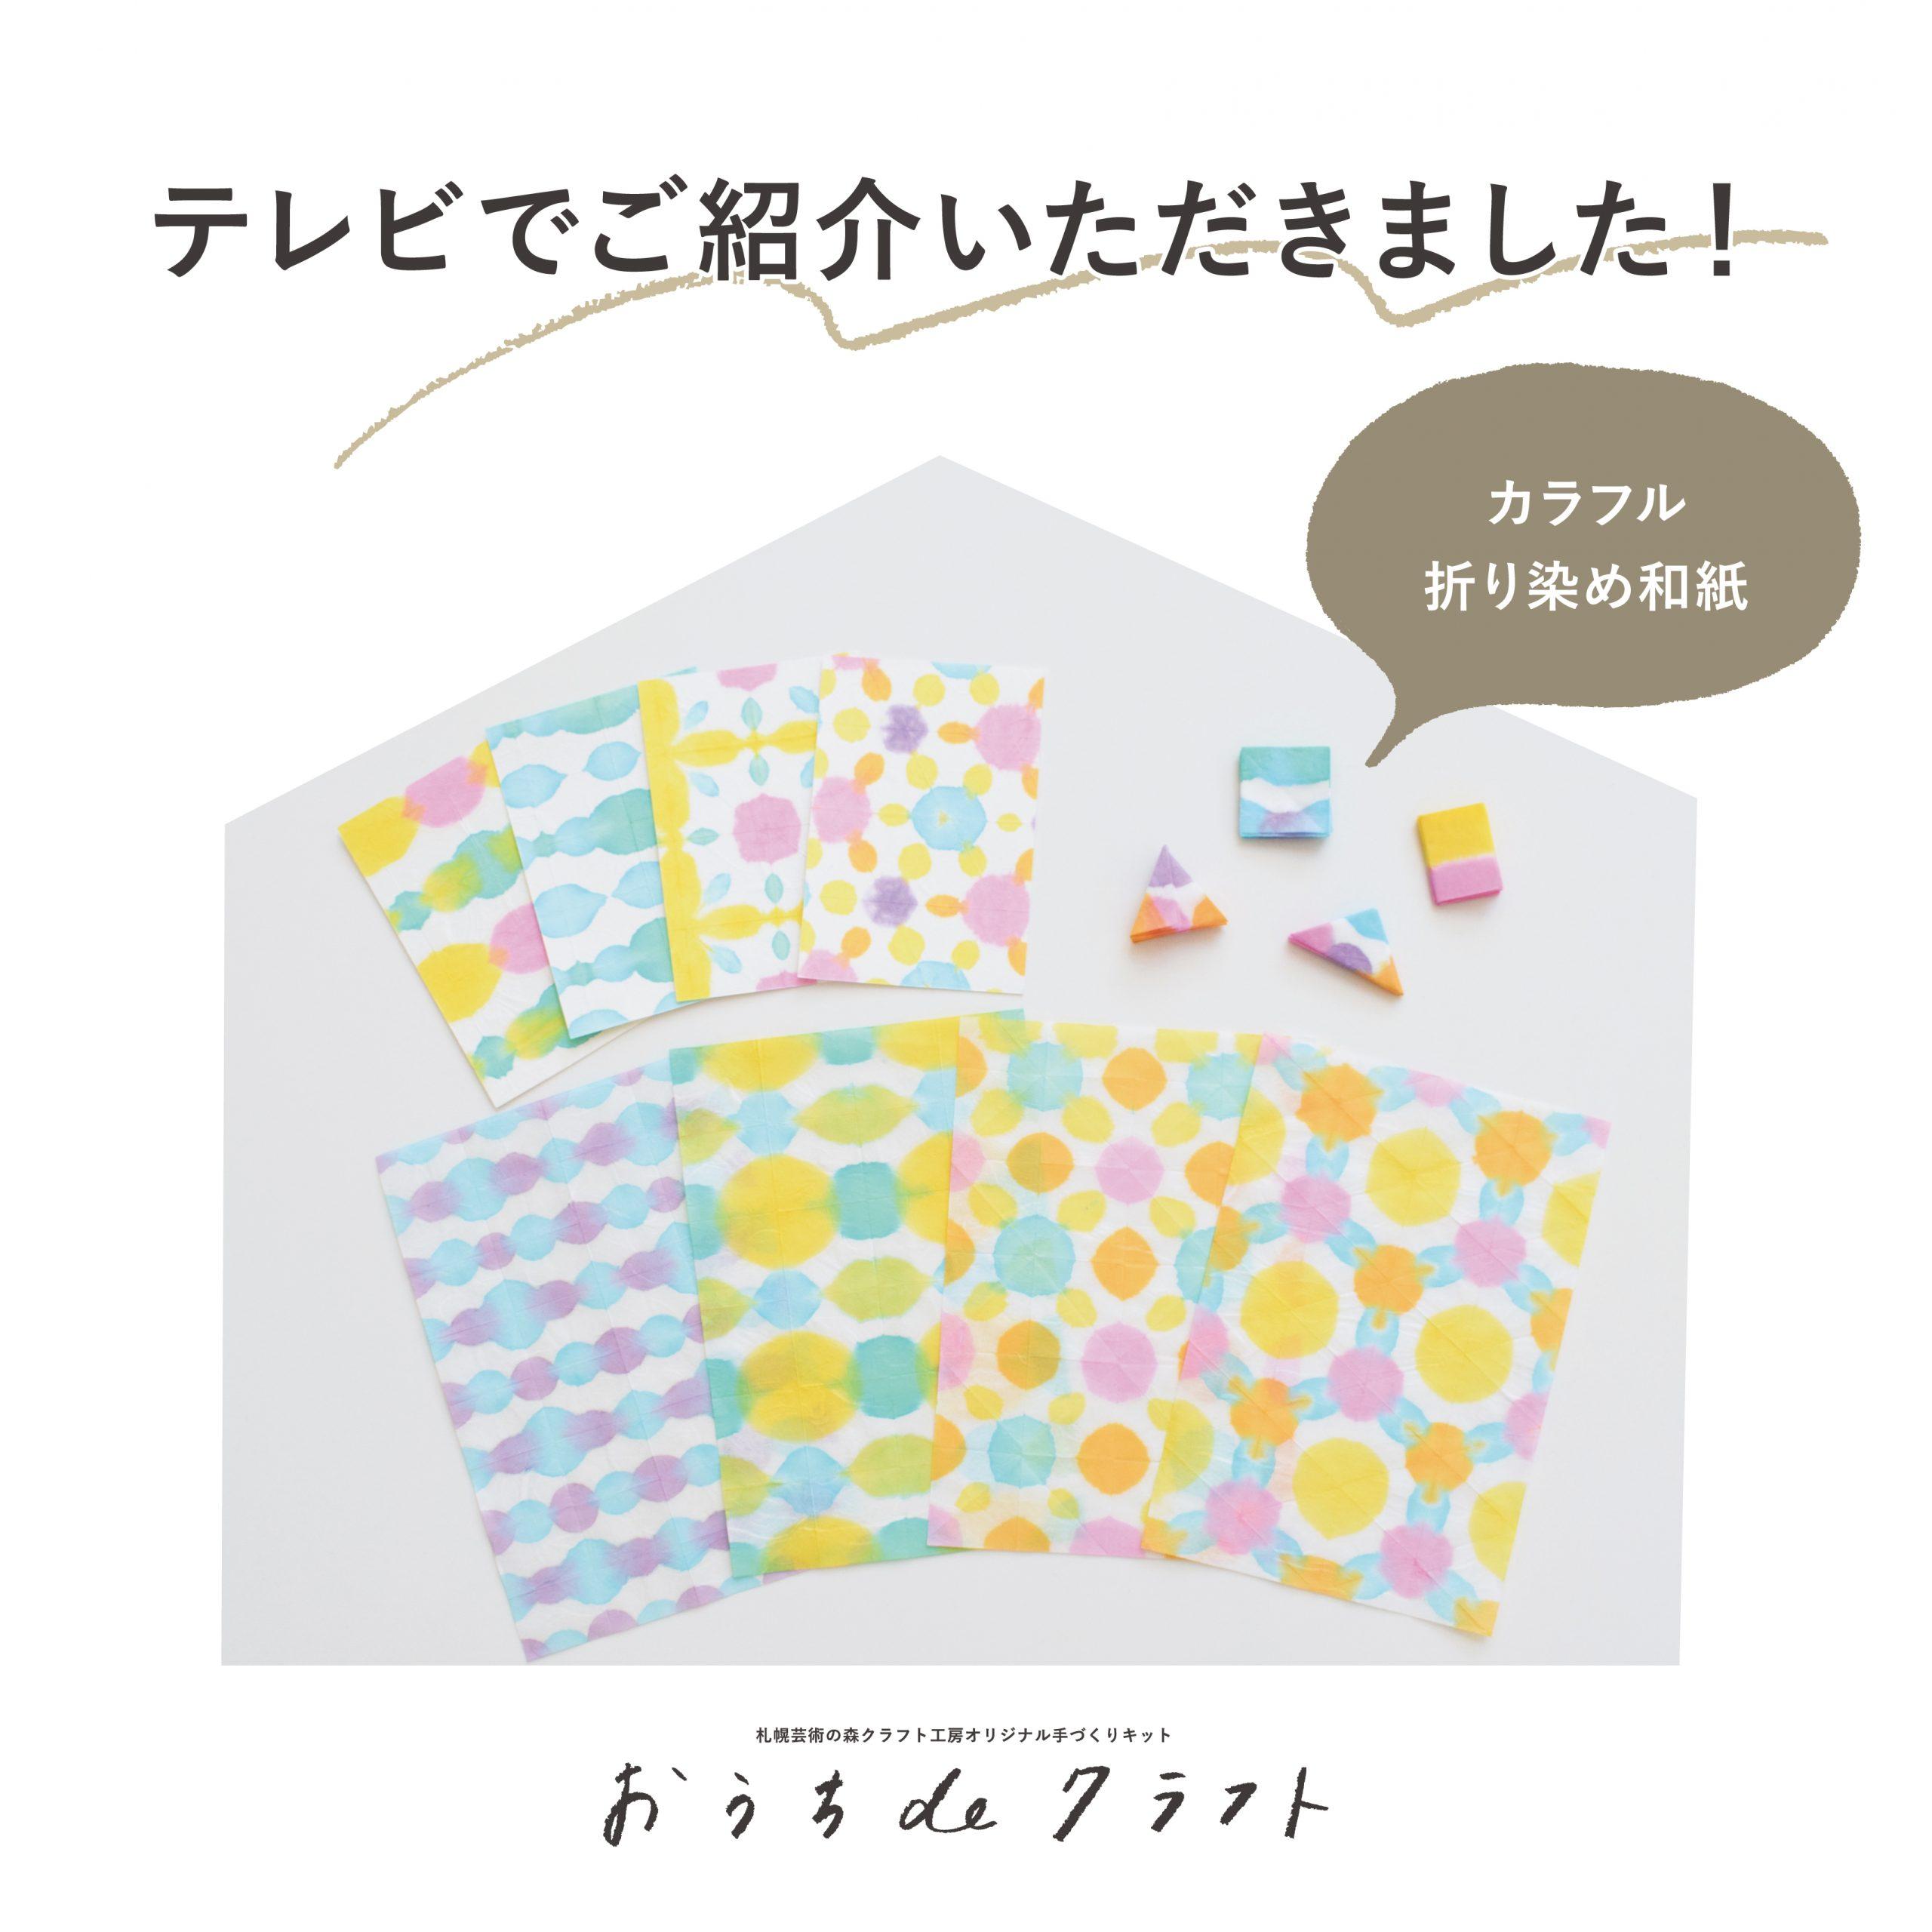 カラフル折り染め和紙の画像